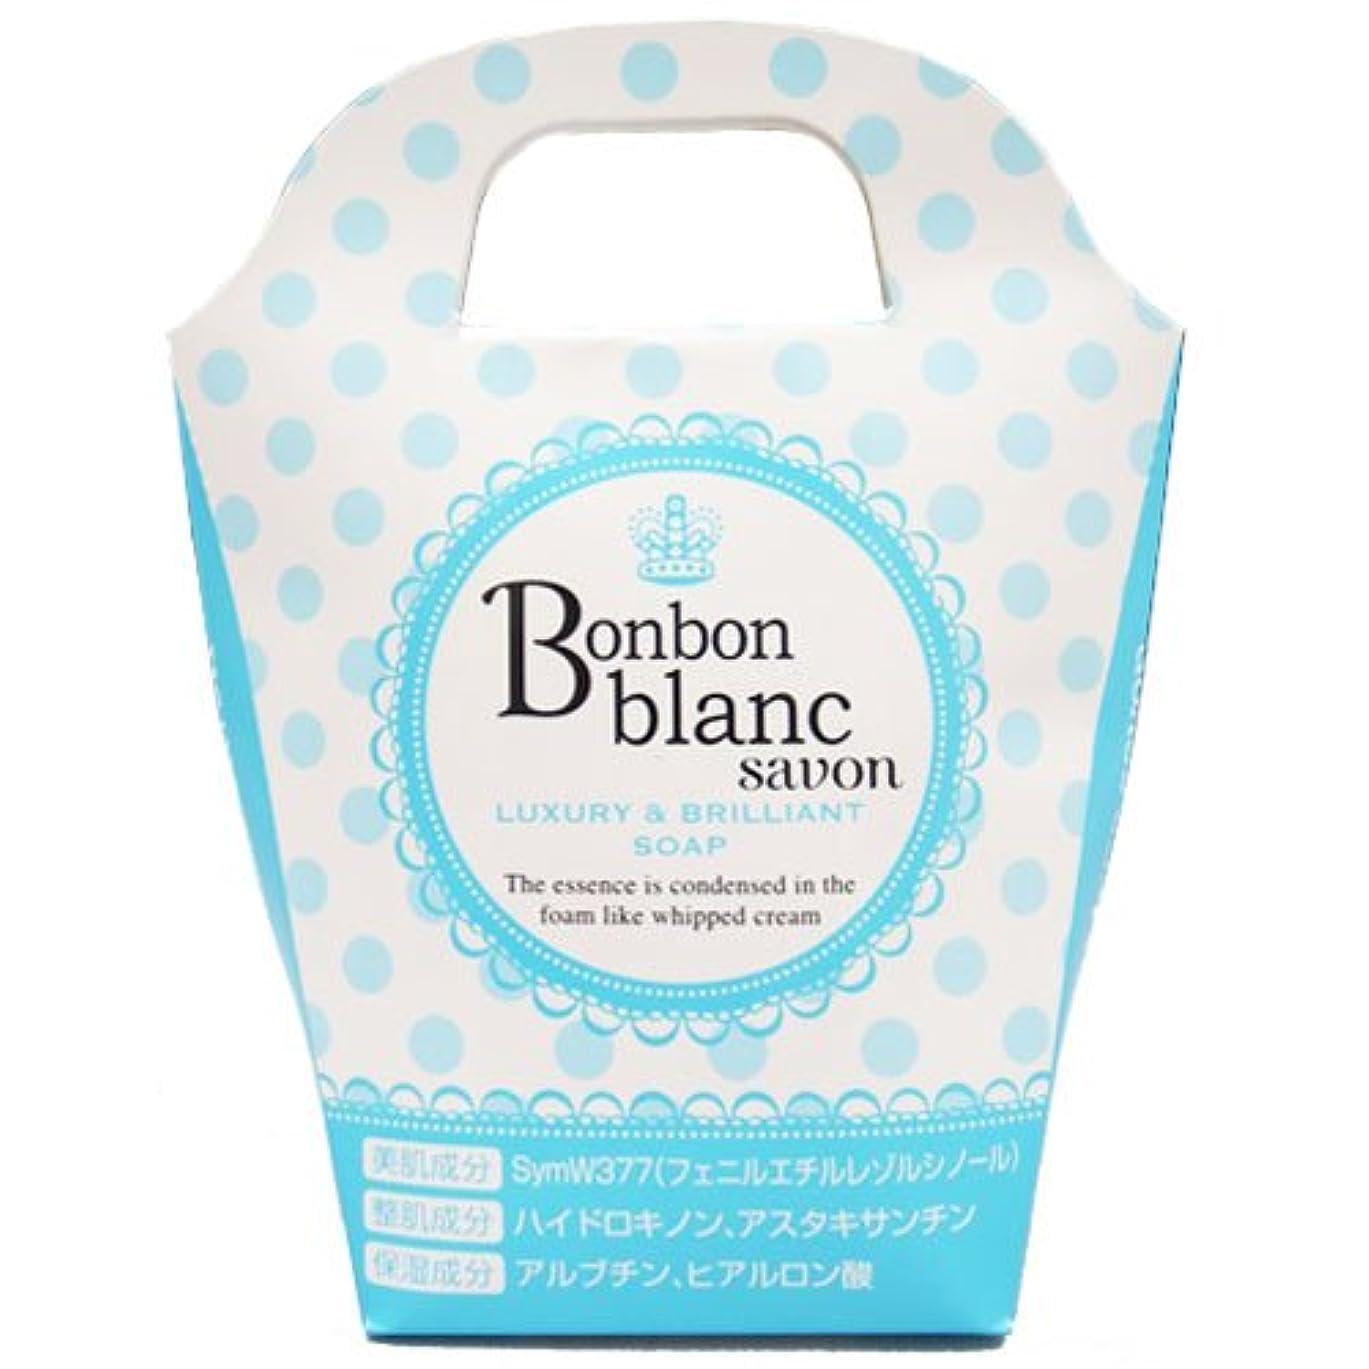 弱点妨げる流用するビーム  Bonbon blanc savon(ボンボンブランサボン)    25g